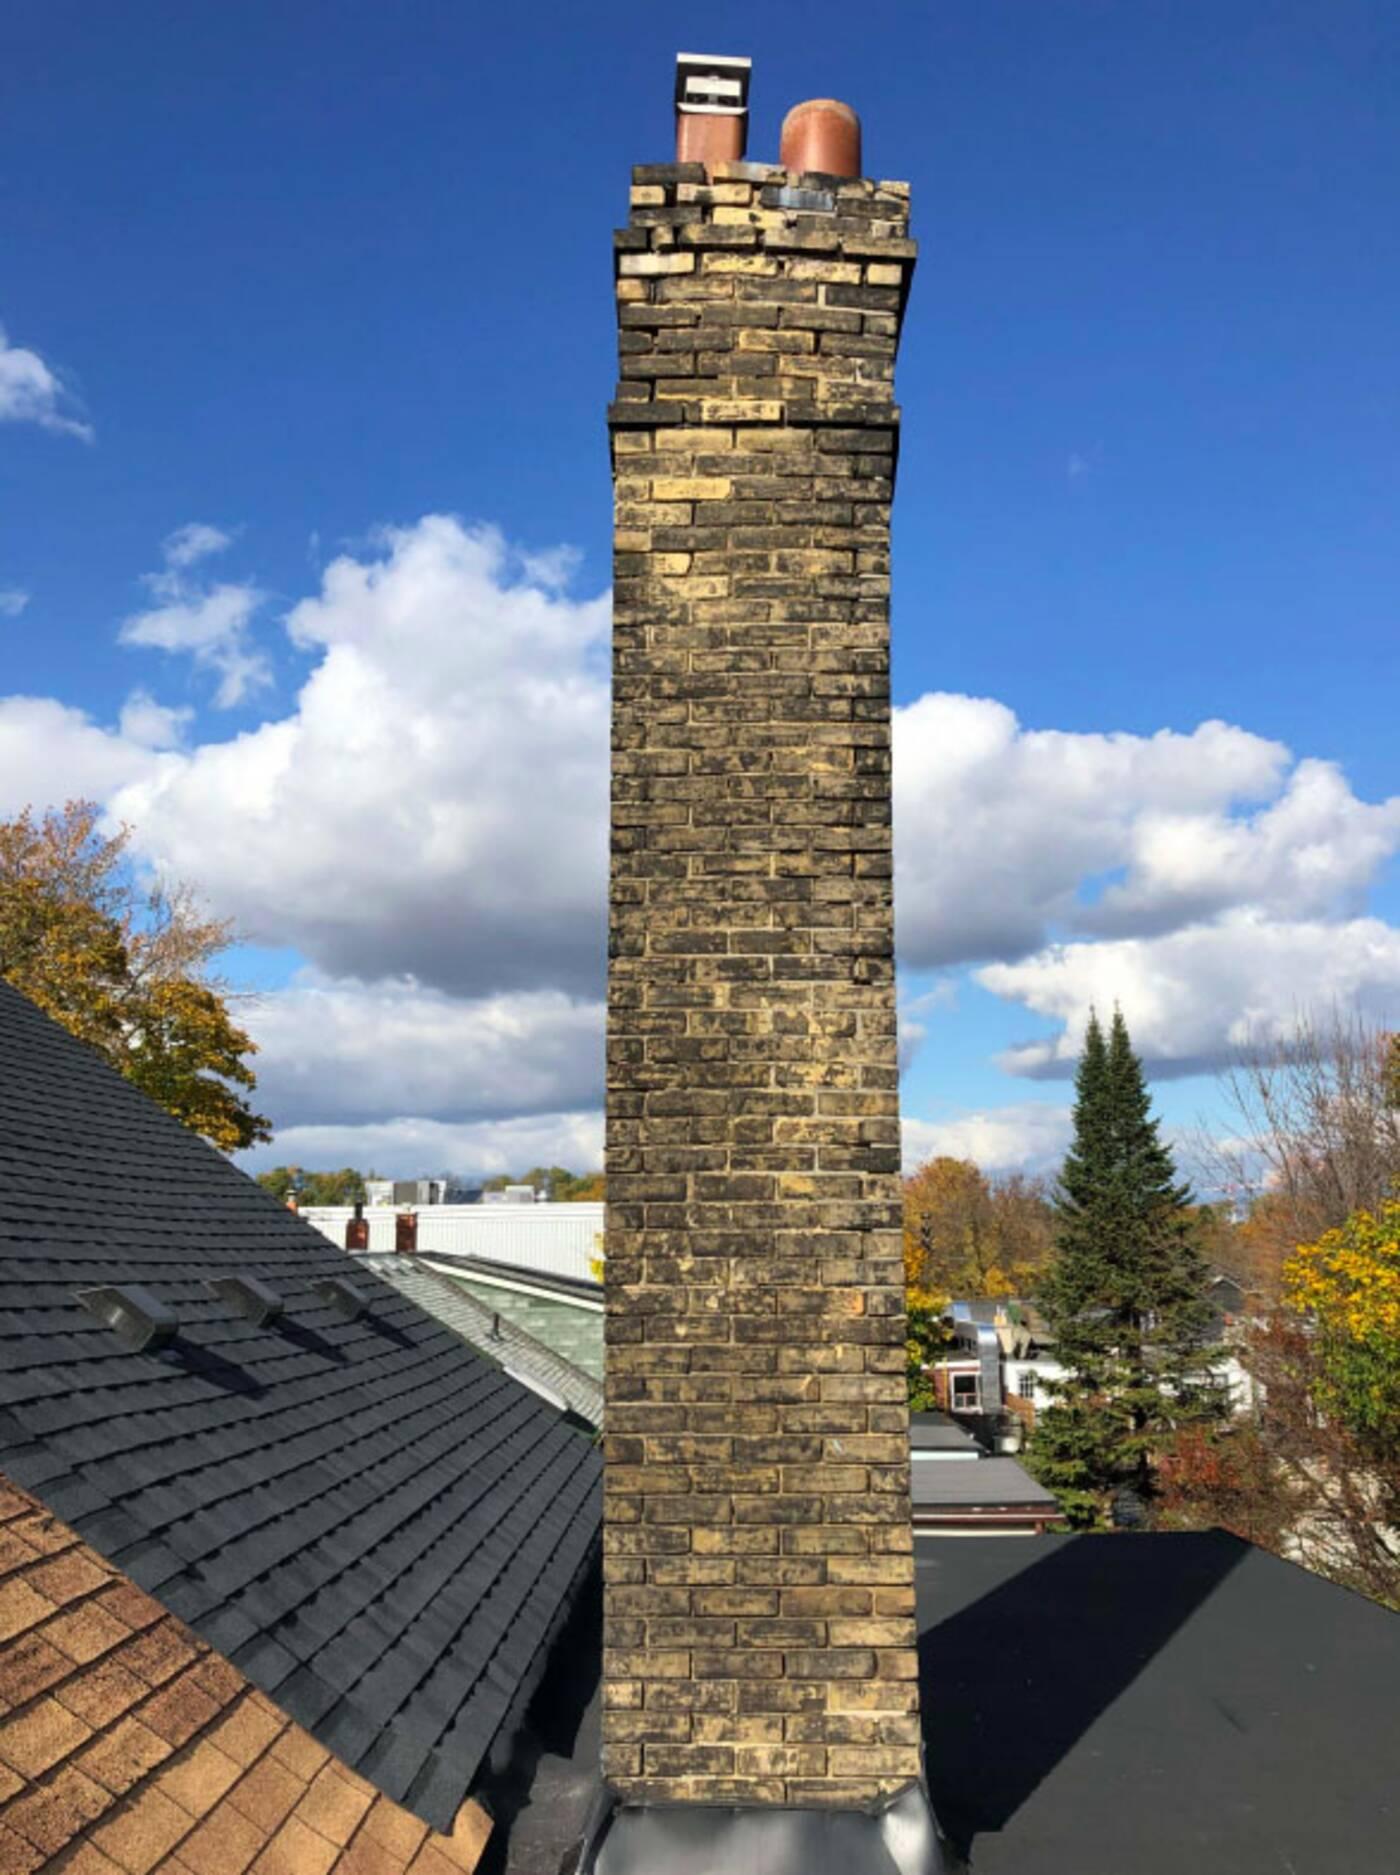 toronto chimney drama